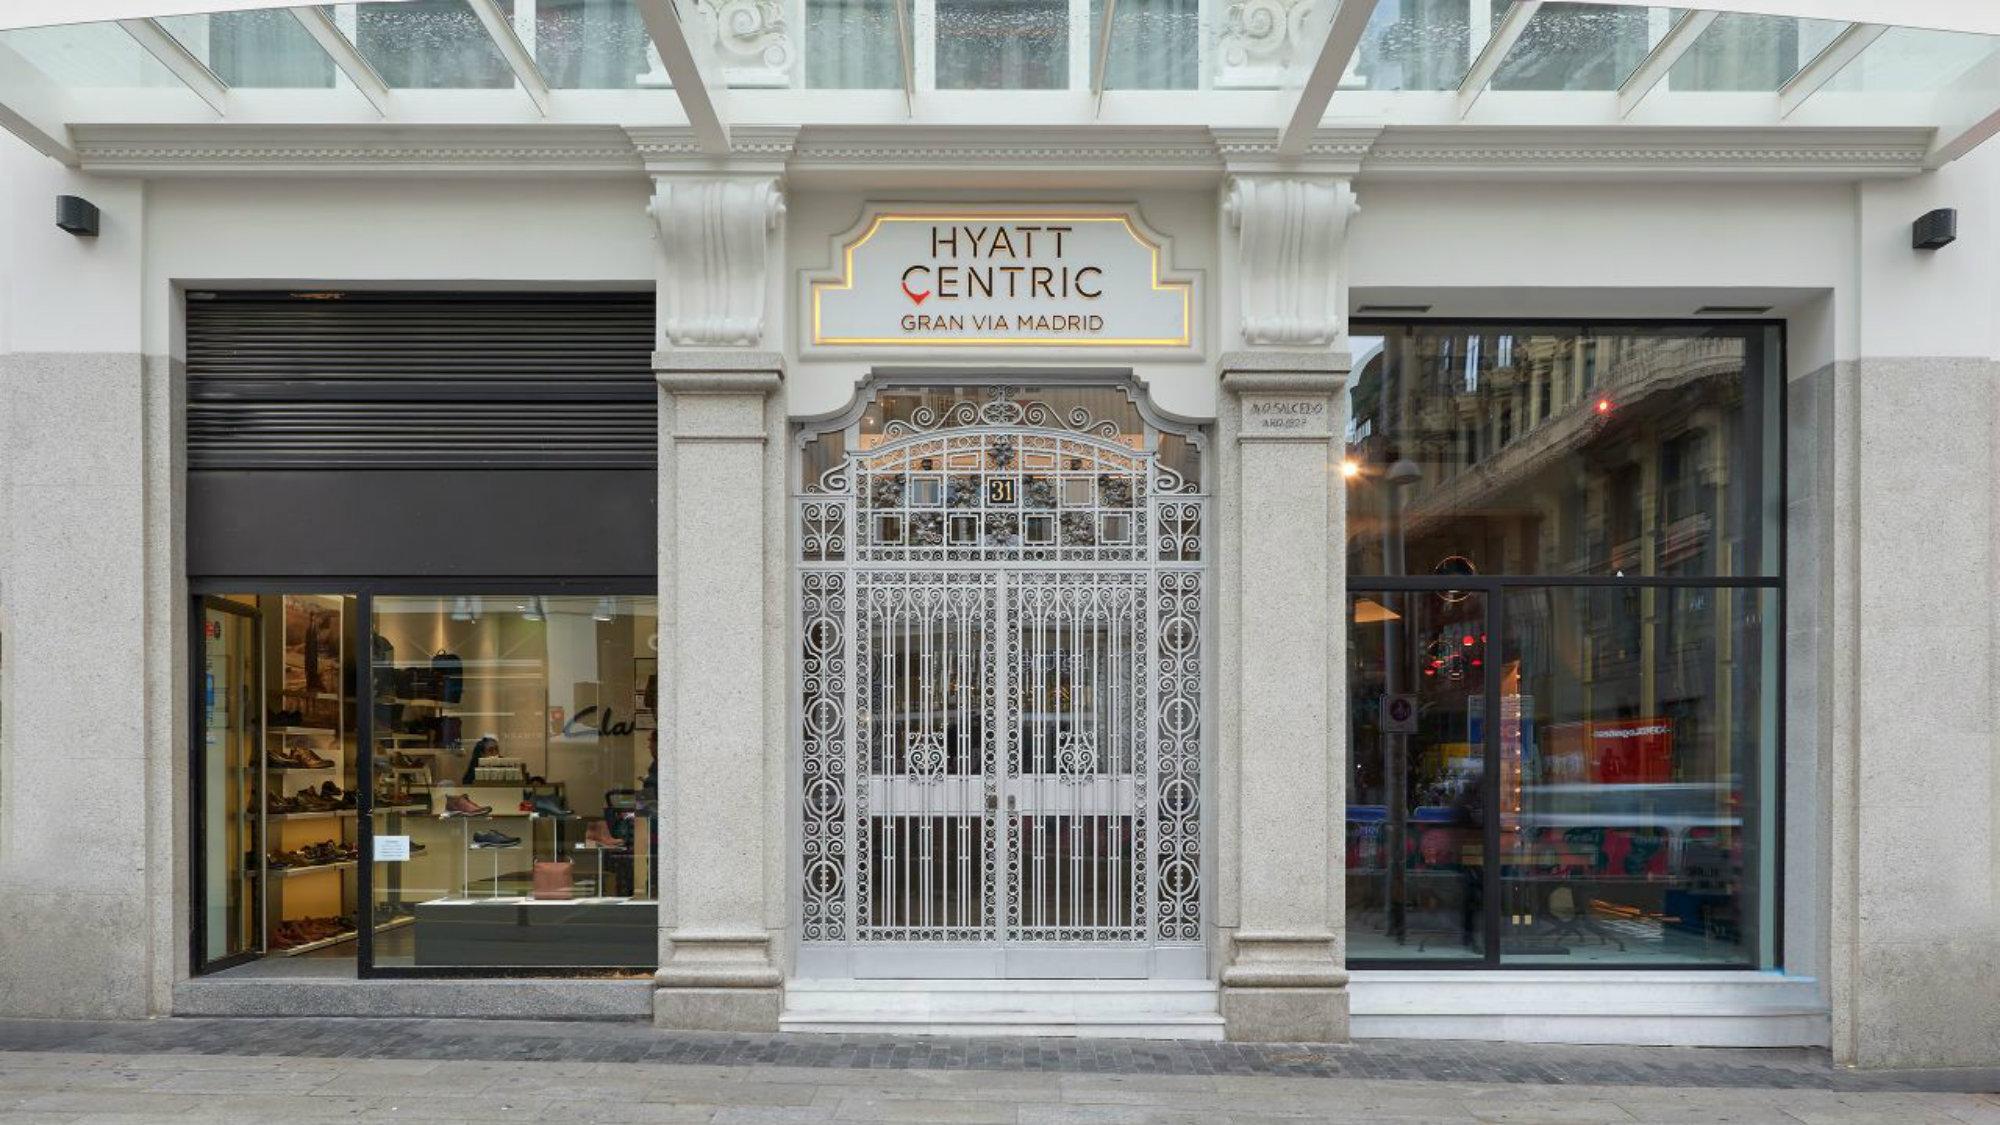 Hotel Hyatt: un lujoso hotel en centro de Madrid Hotel Hyatt: un lujoso hotel en centro de Madrid Featured 3